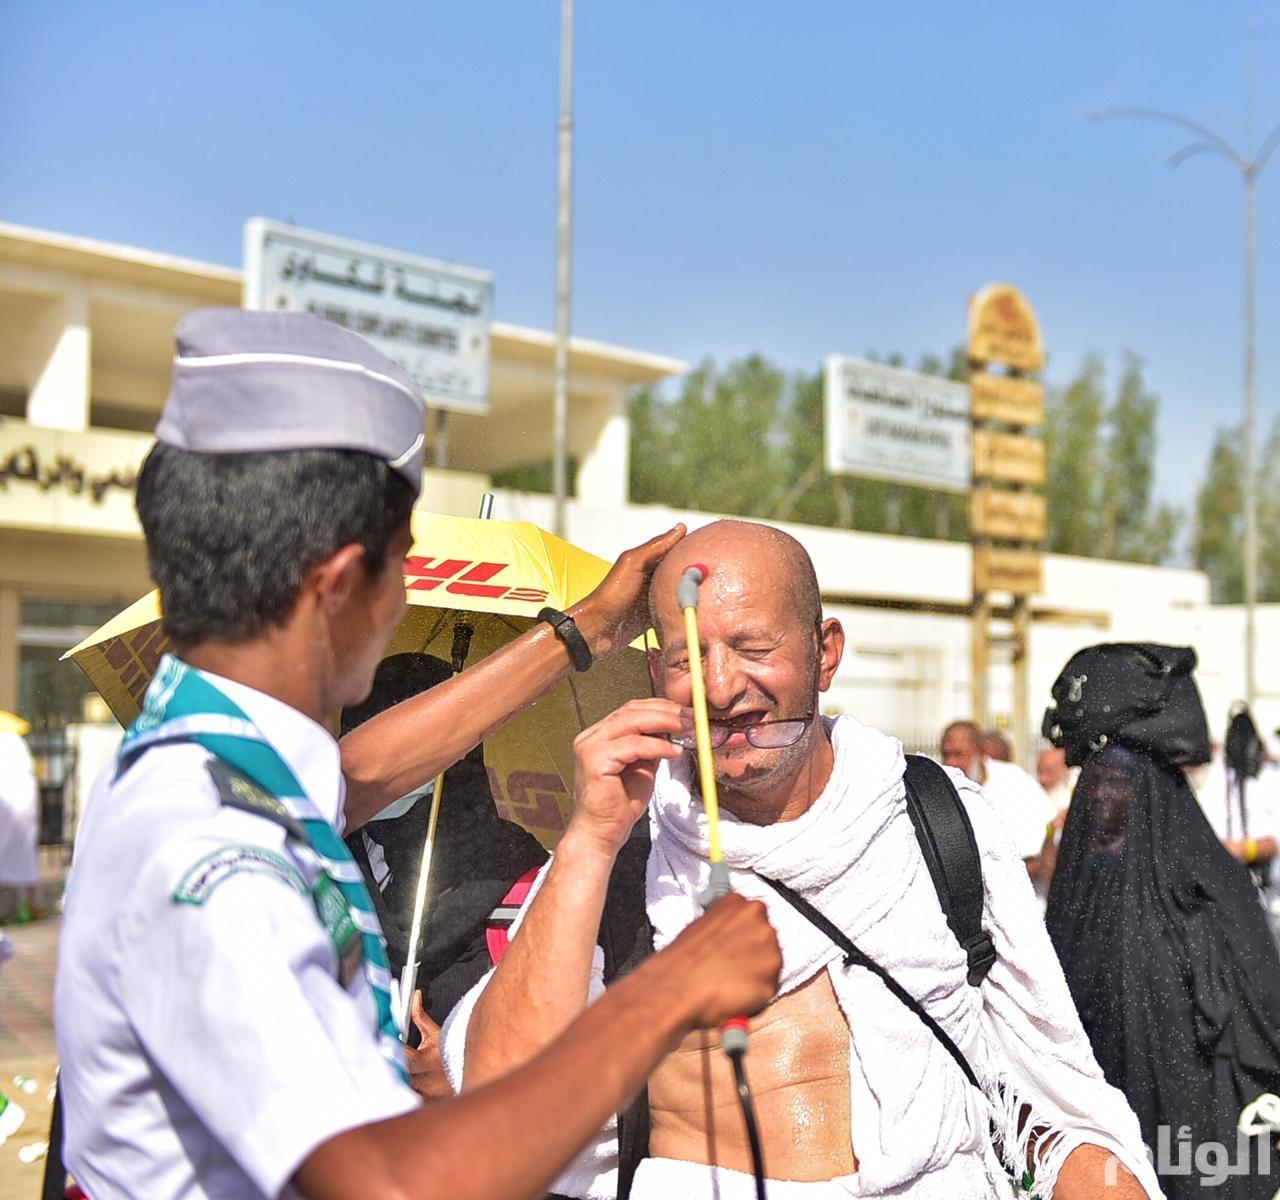 أفراد الكشافة السعودية يرسمون لوحة إنسانية في العطاء لضيوف الرحمن على صعيد عرفات